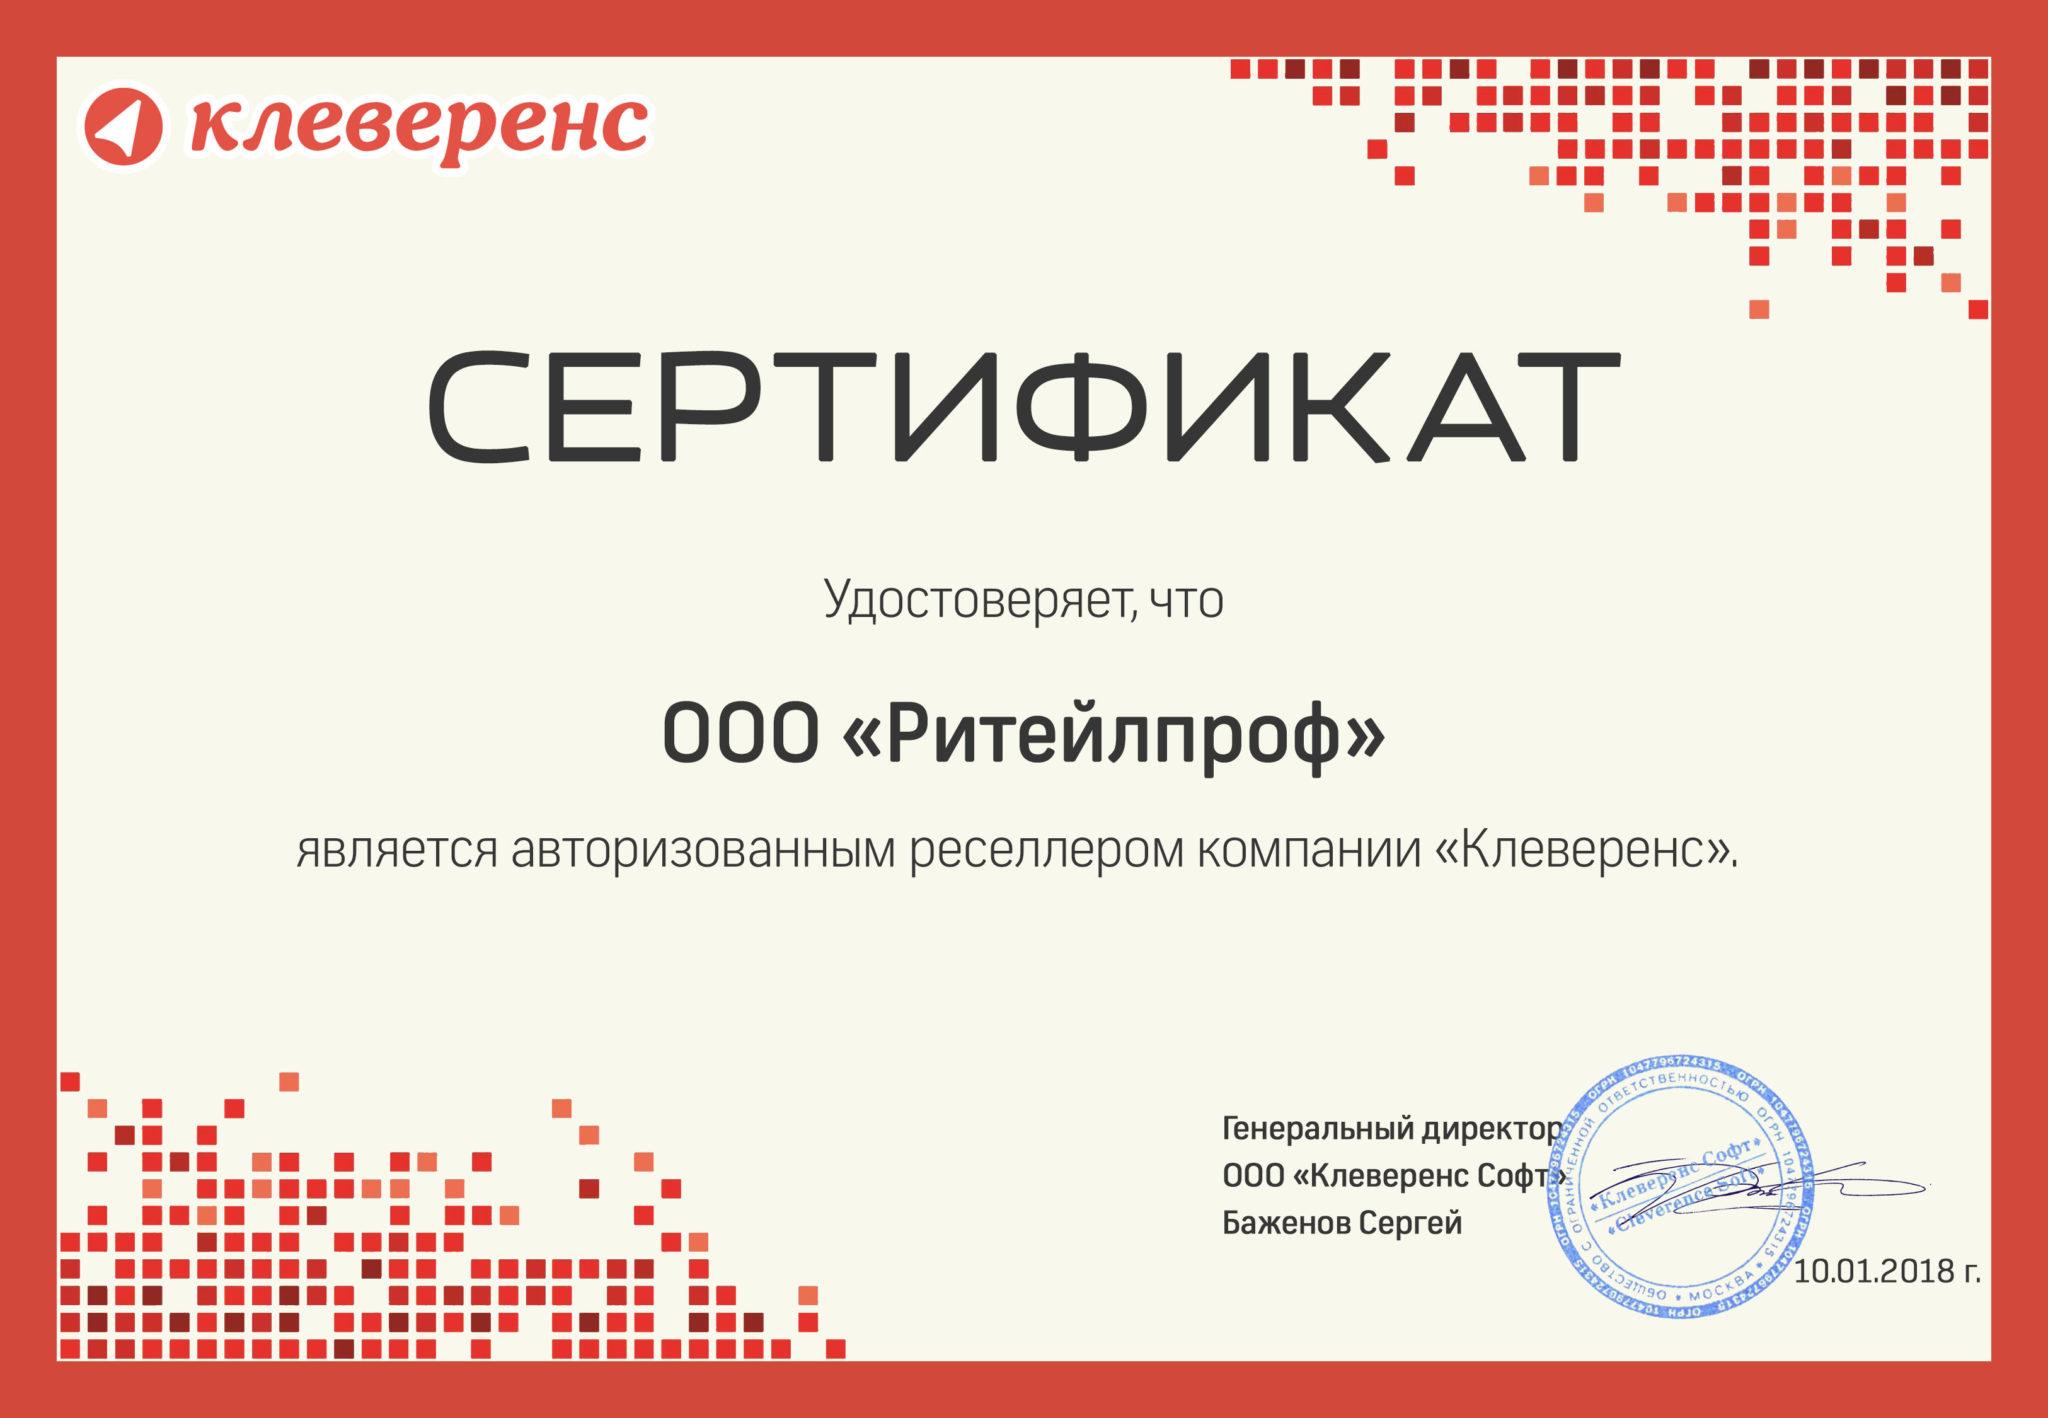 Сертификат компании Клеверенс